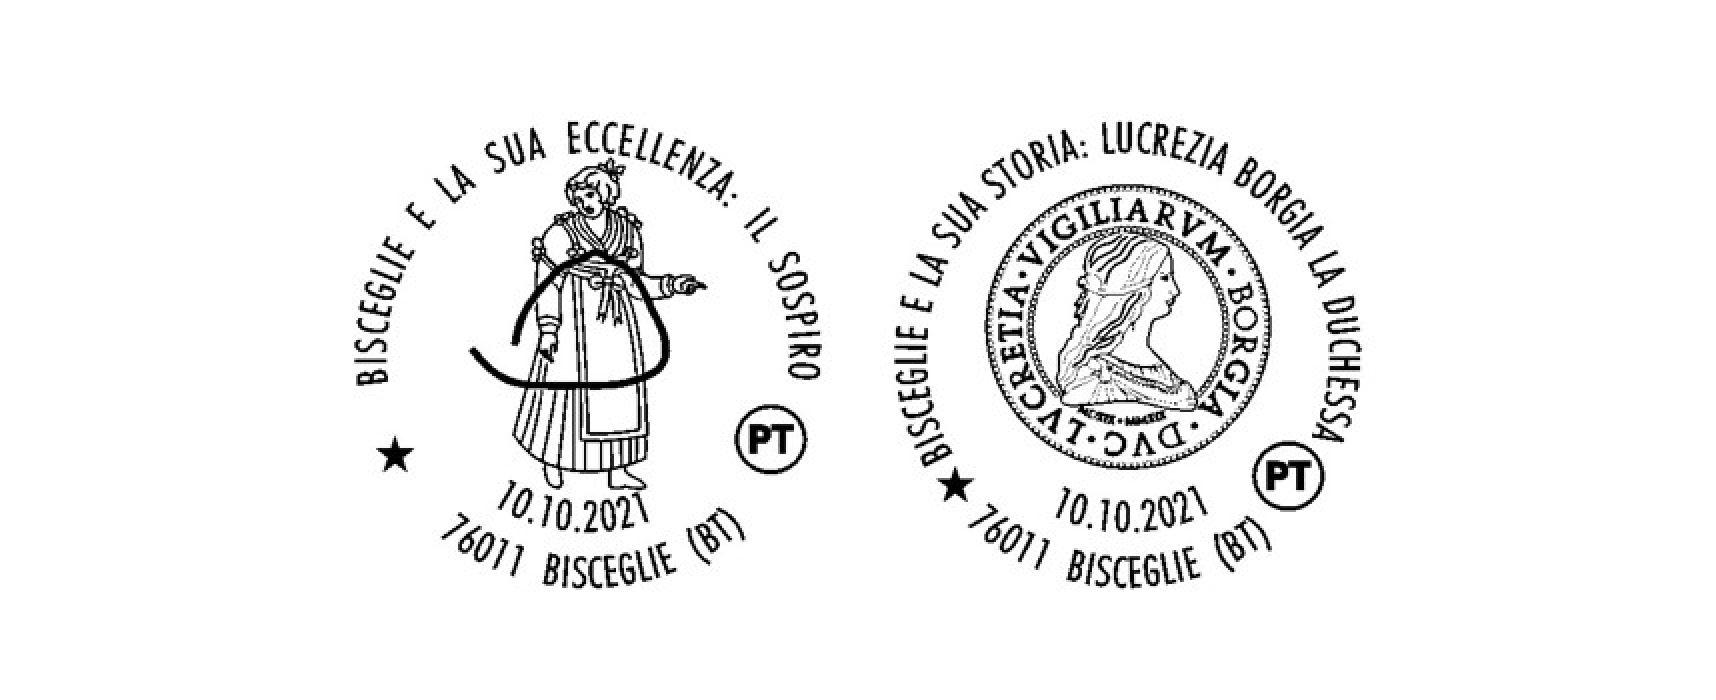 Servizio filatelico di Poste Italiane: due bolli speciali dedicati alla città di Bisceglie